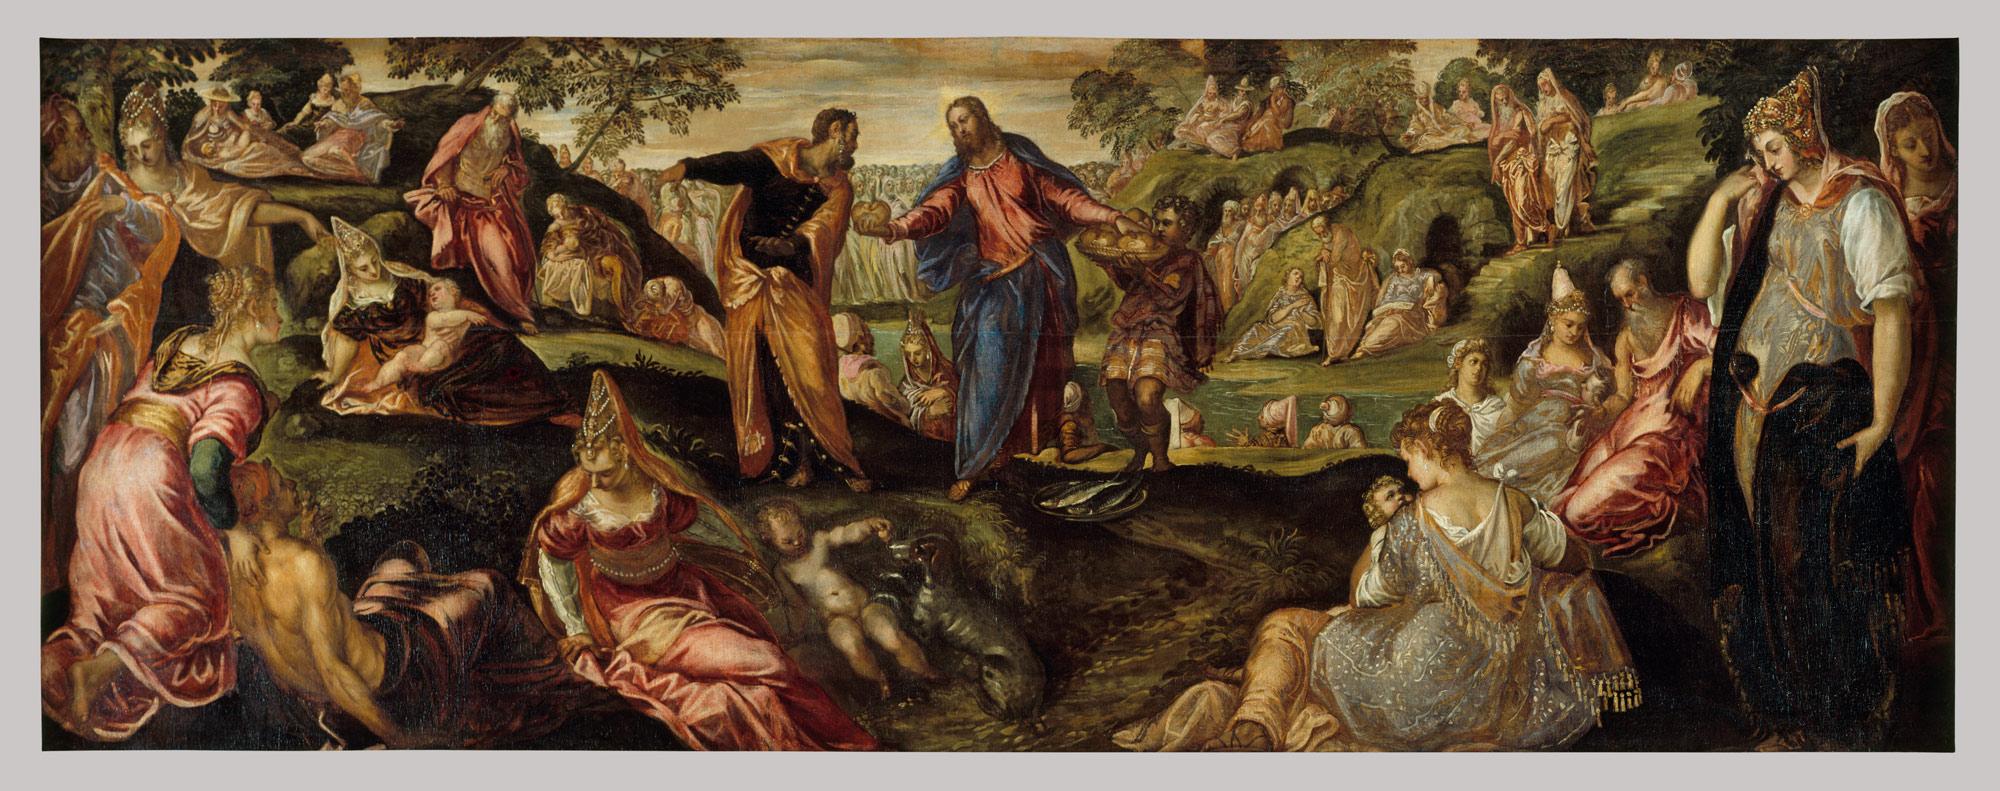 Titian Crucifixion